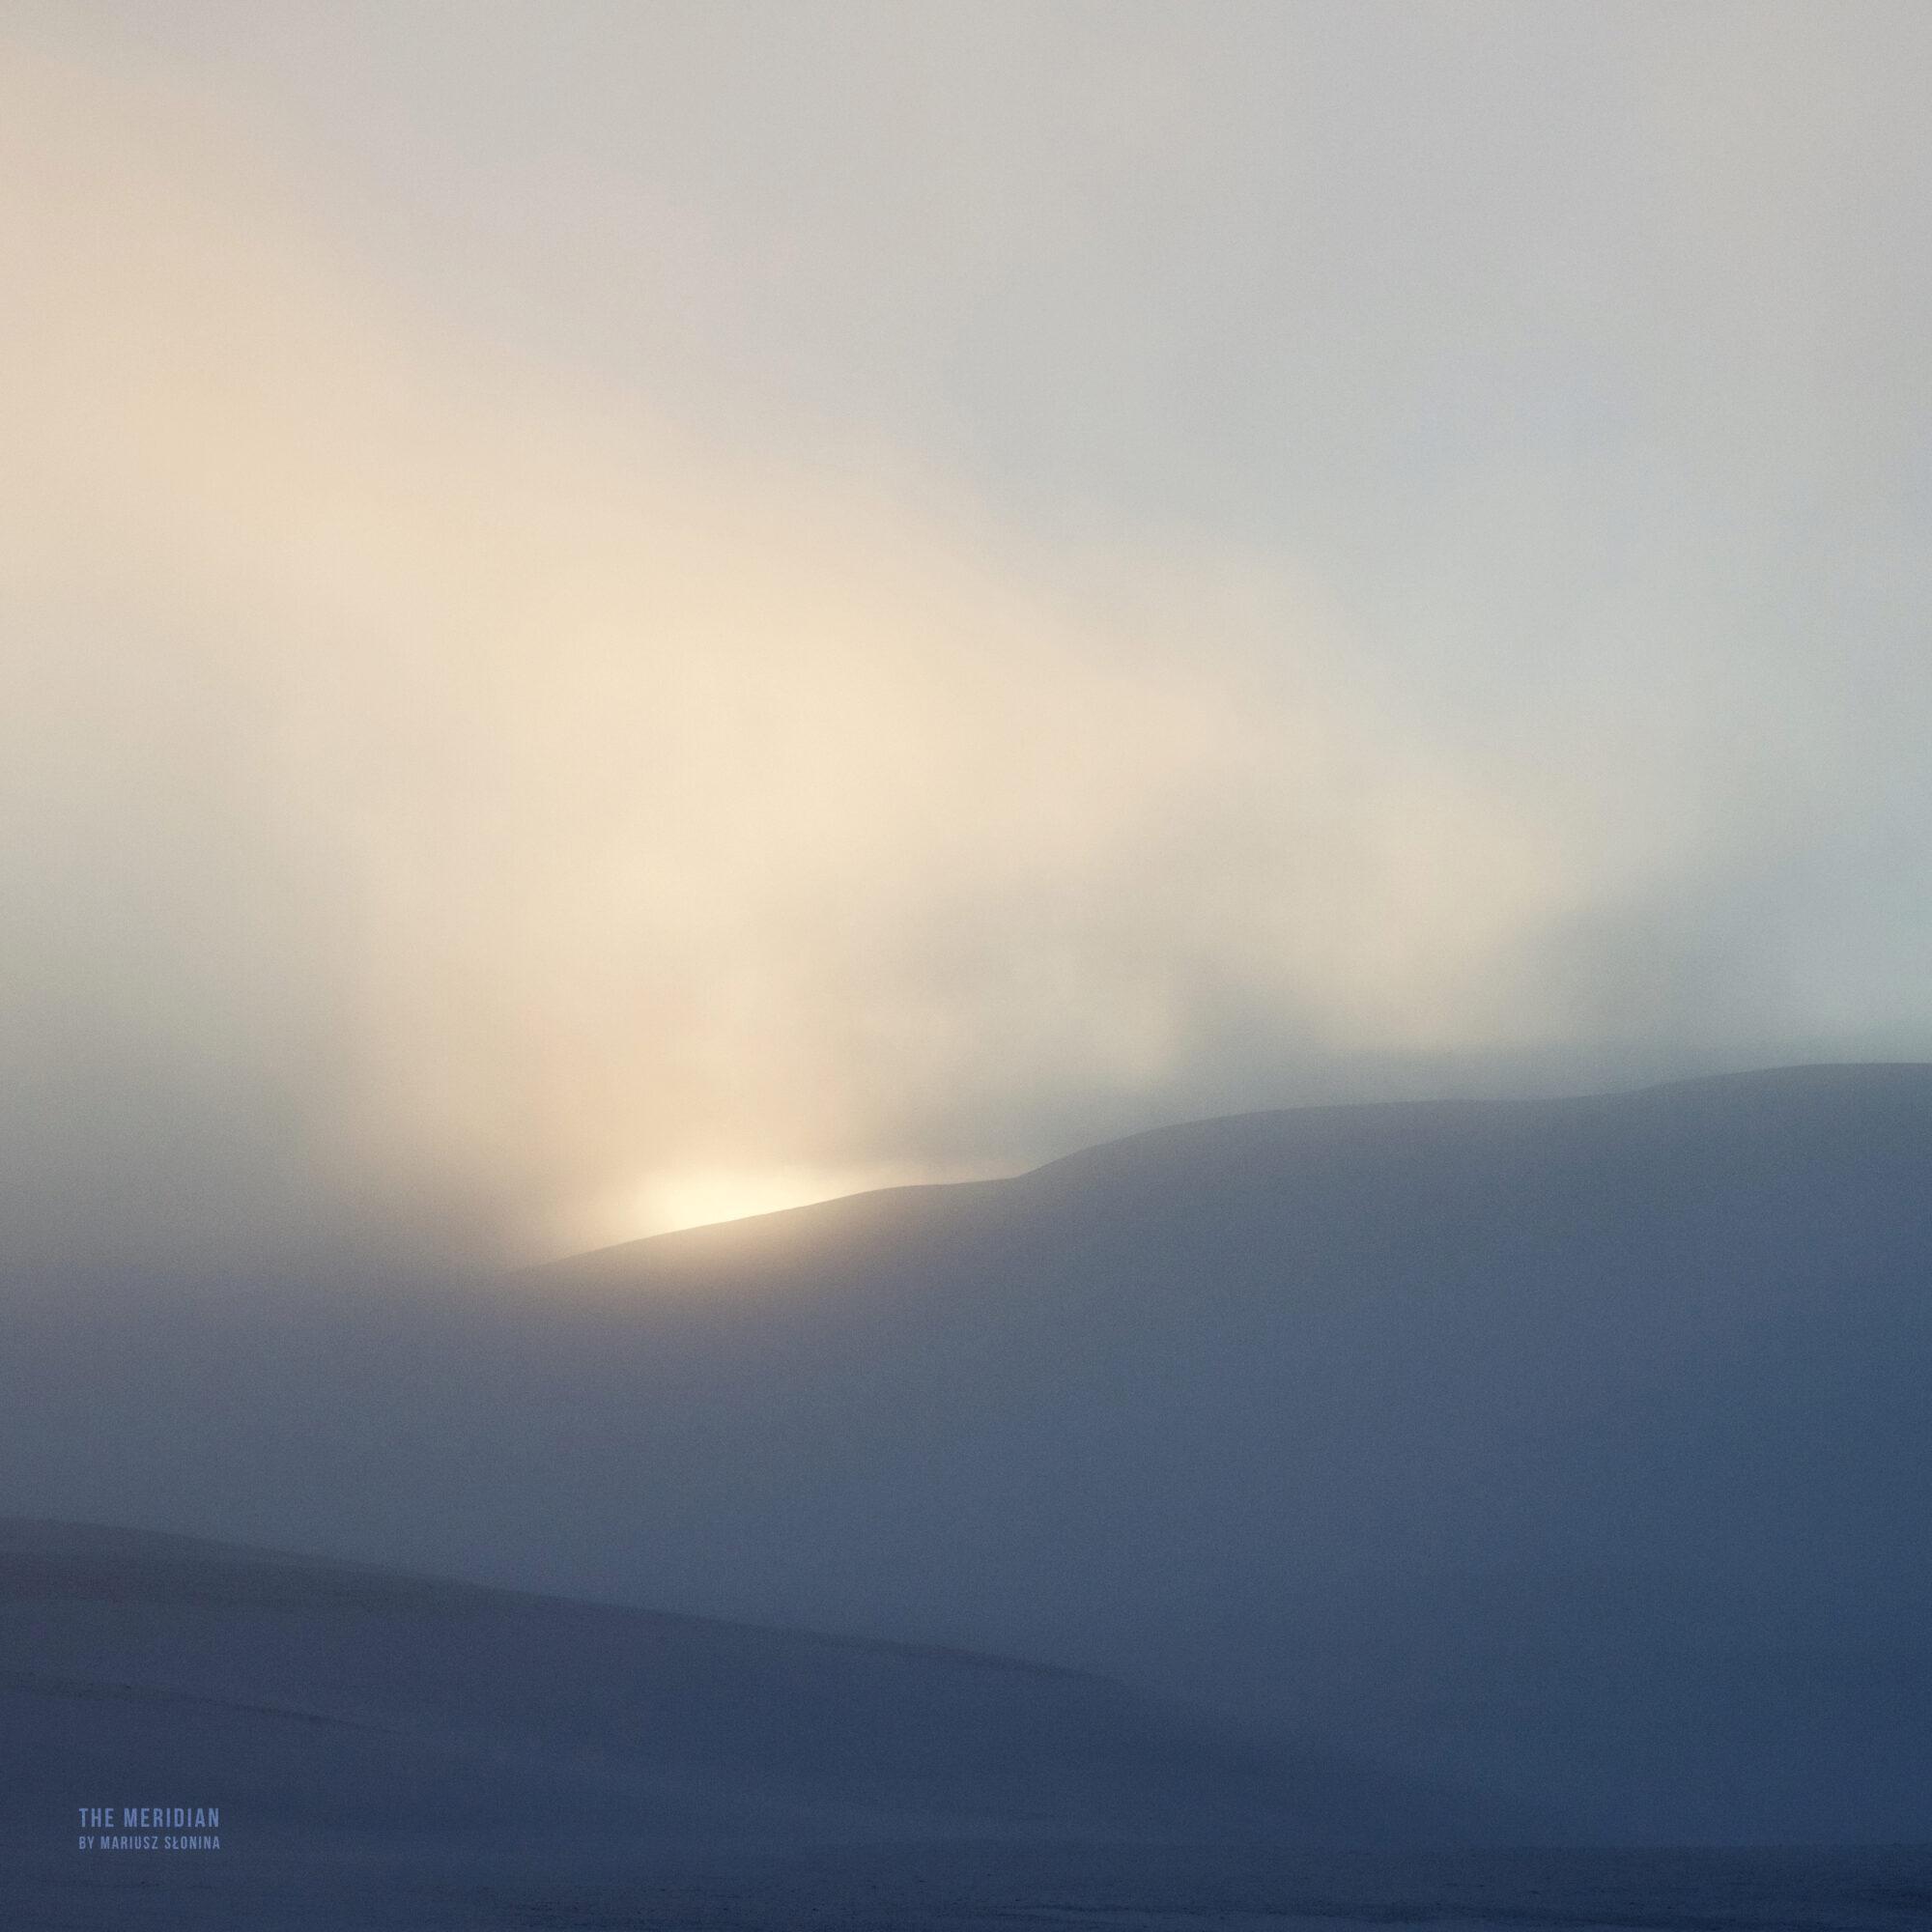 iceland-in-between/ND_20191126_115617_3190_001.jpg